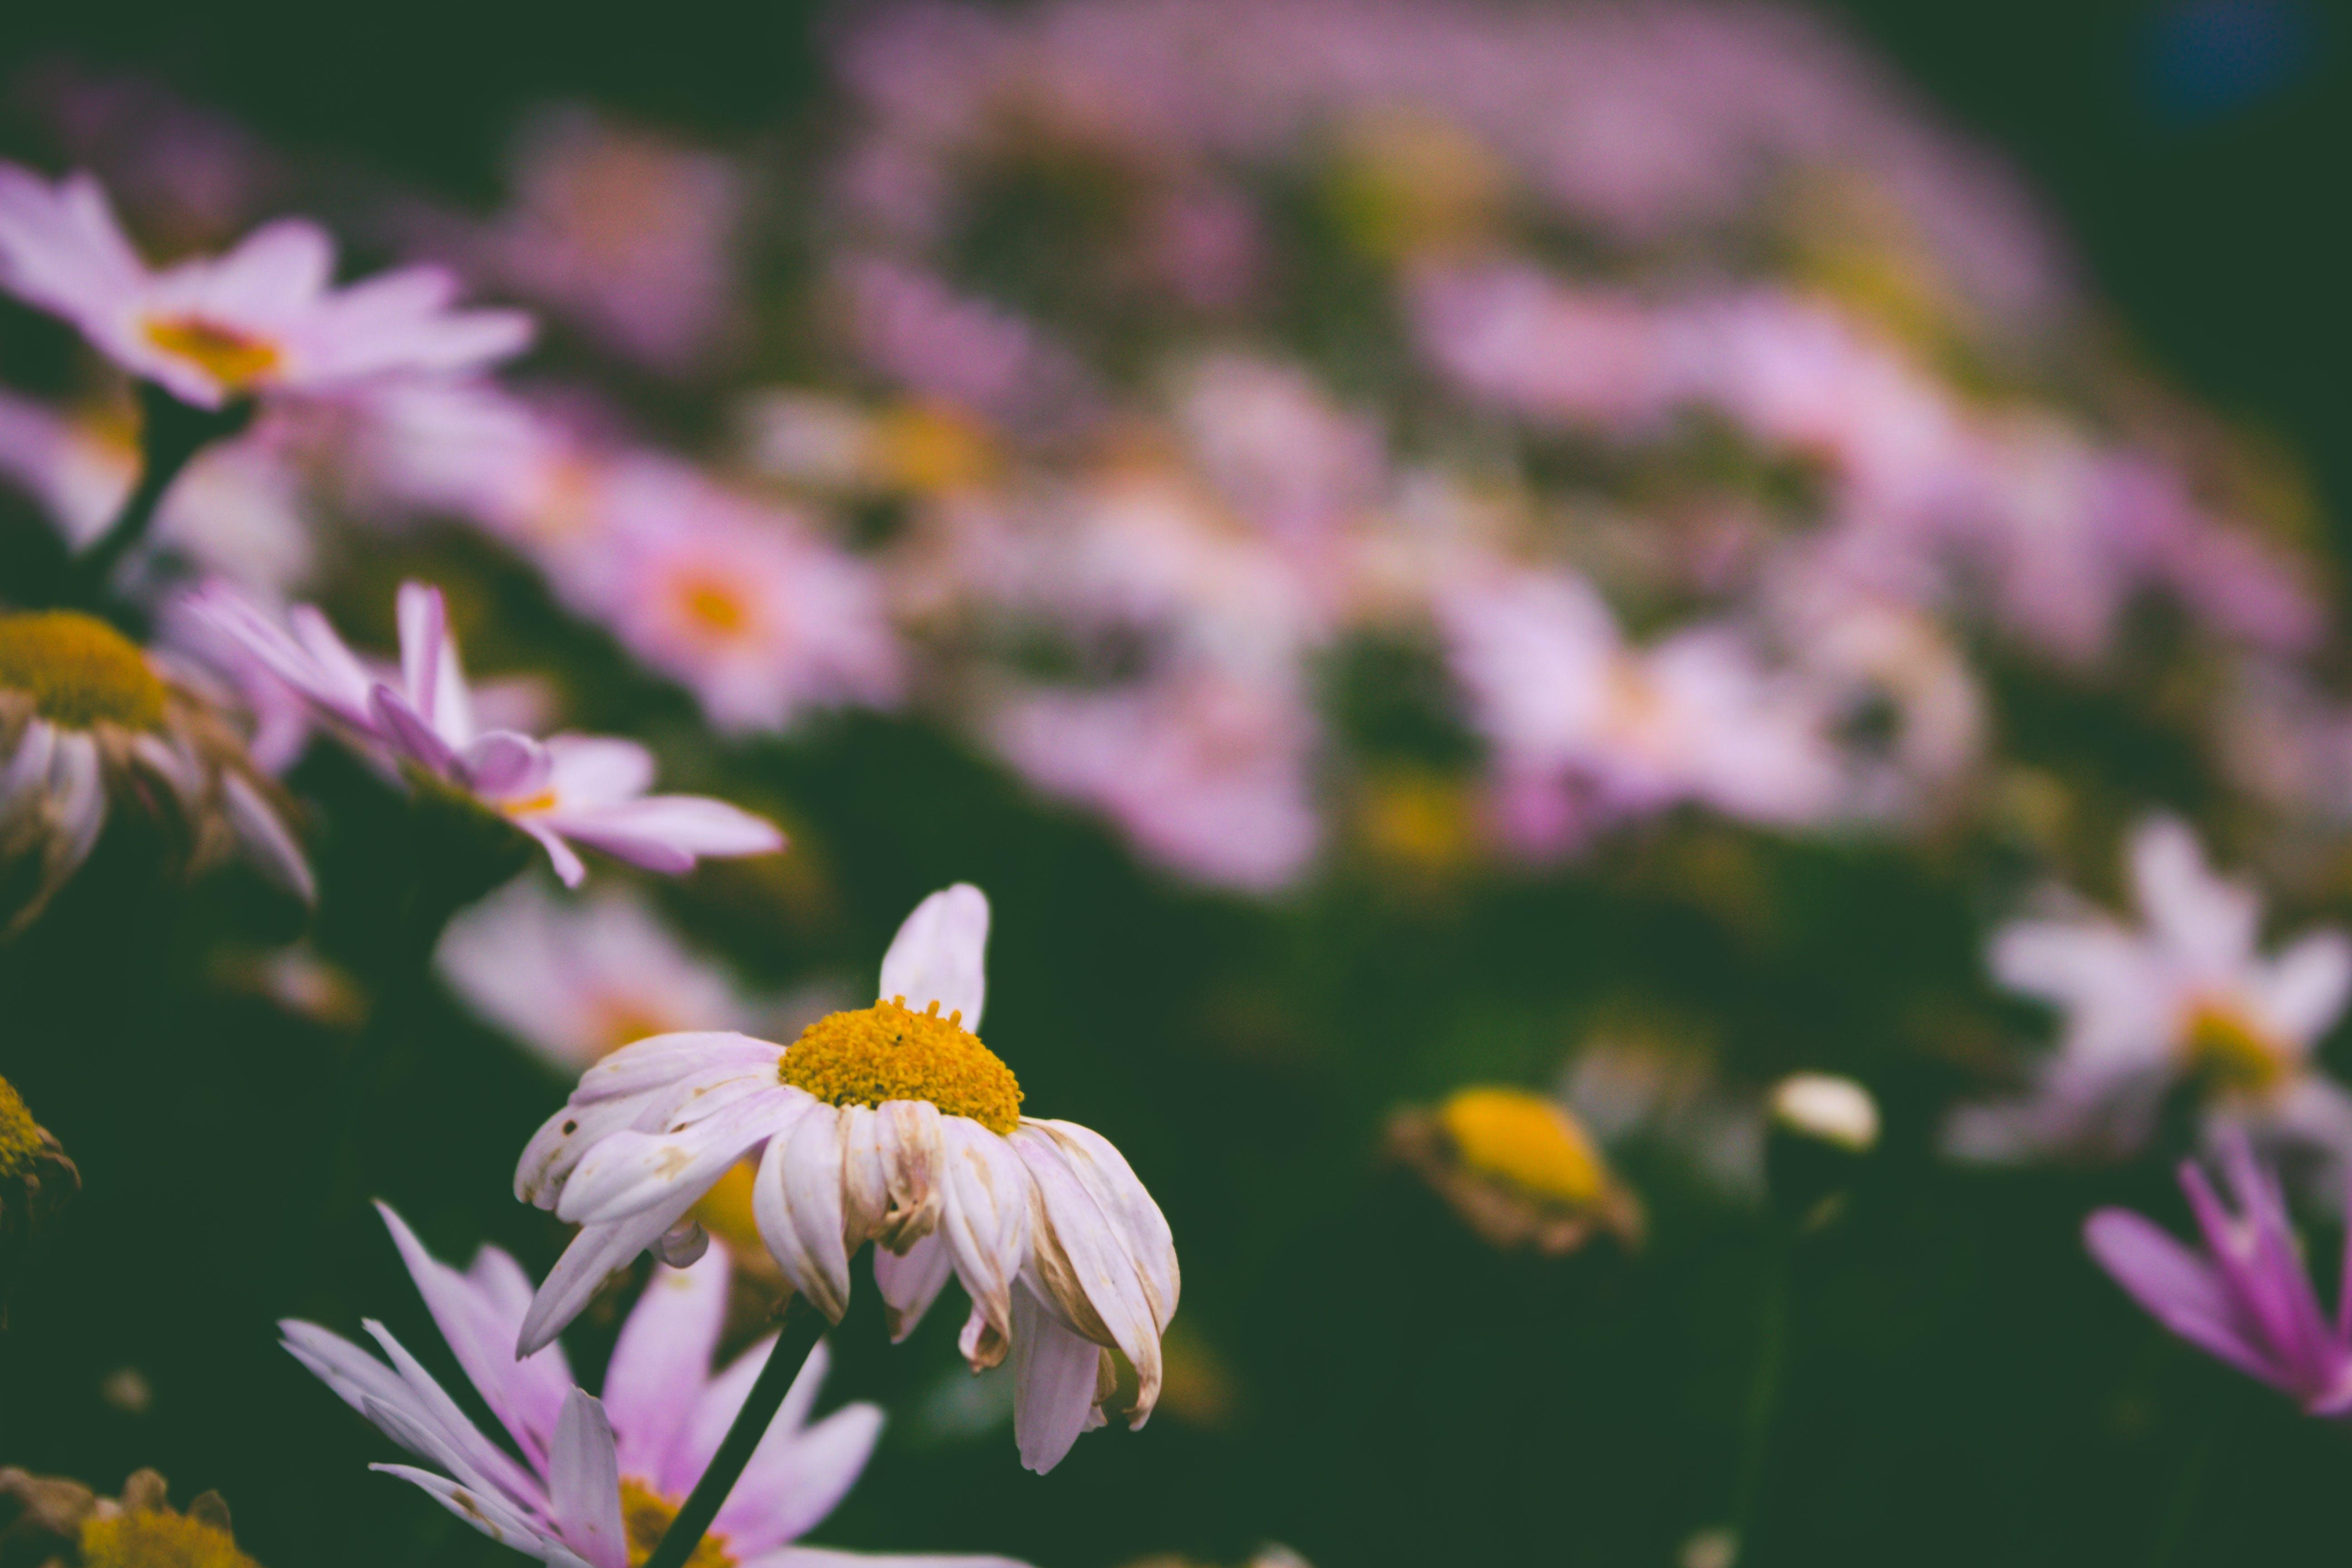 Kostenloses Stock Foto zu natur, blumen, blütenblätter, pflanze